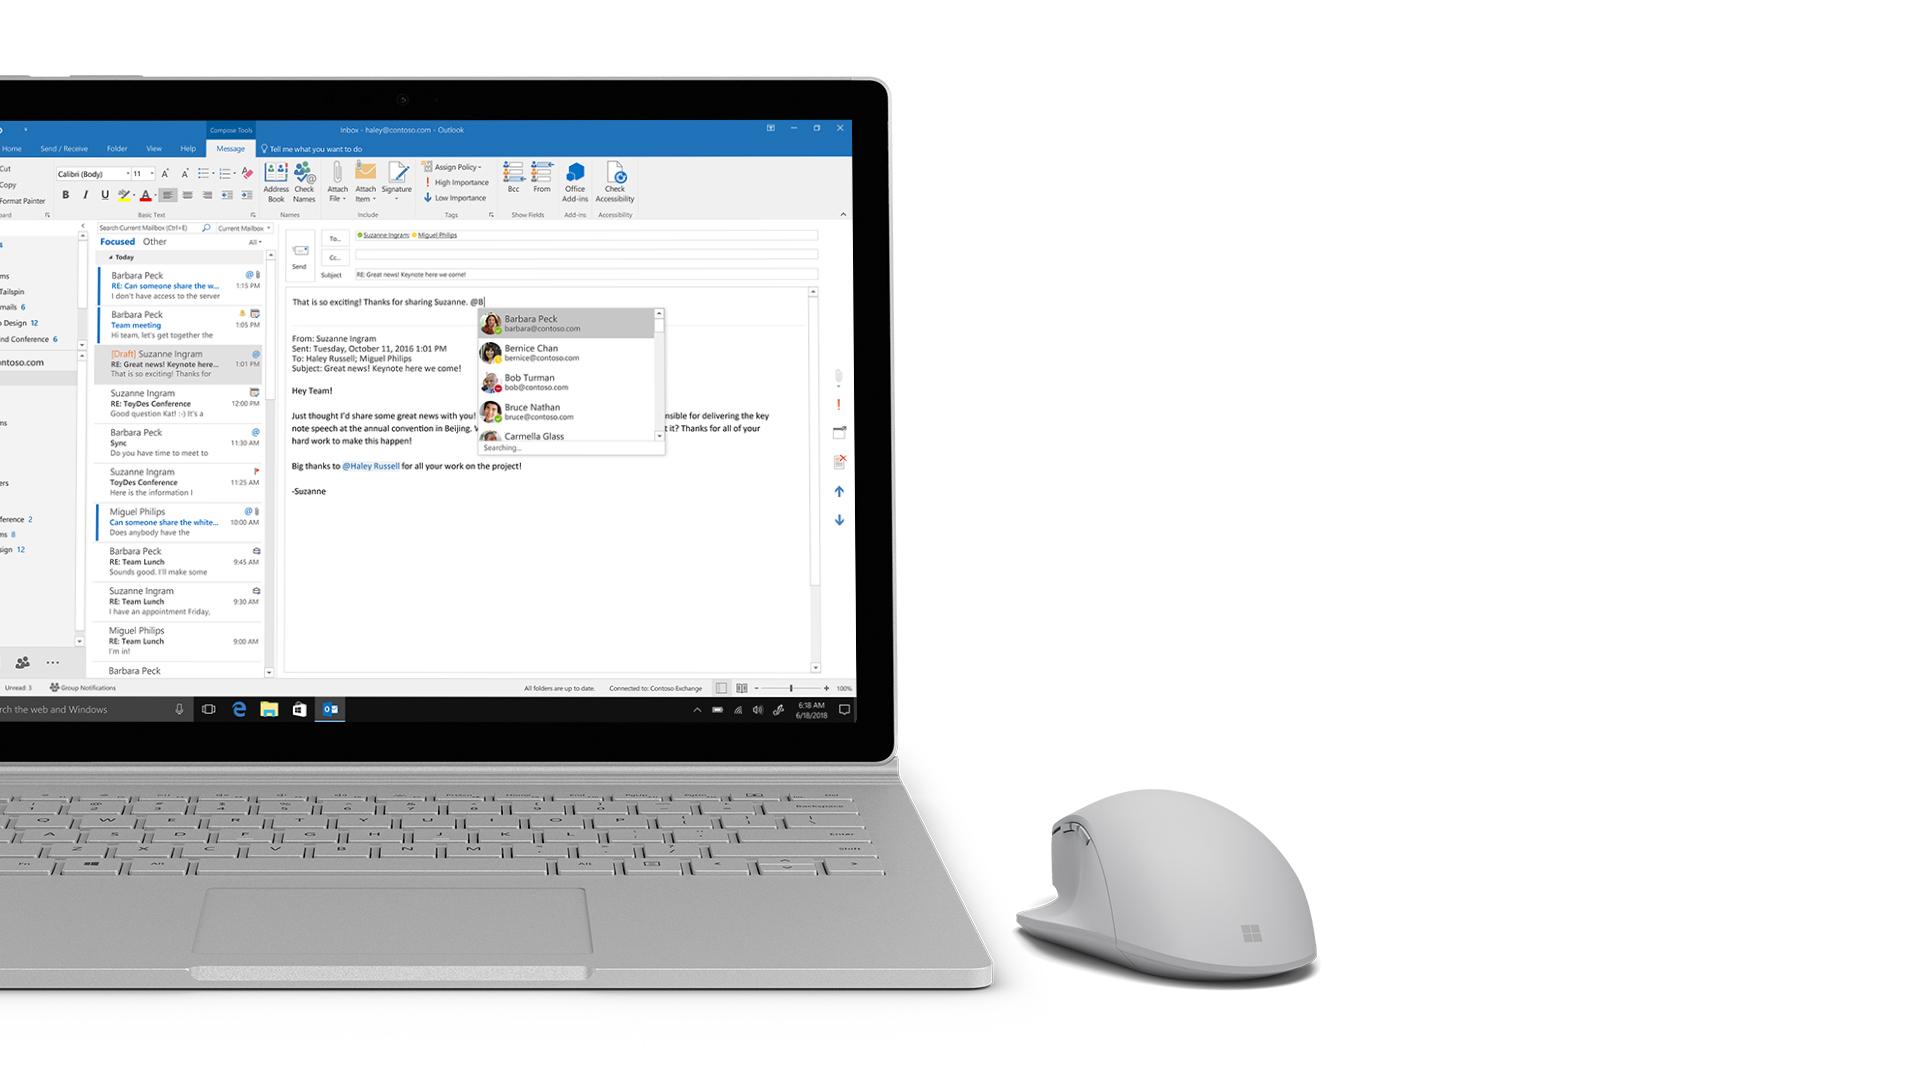 Captura de pantalla de Outlook en Surface.